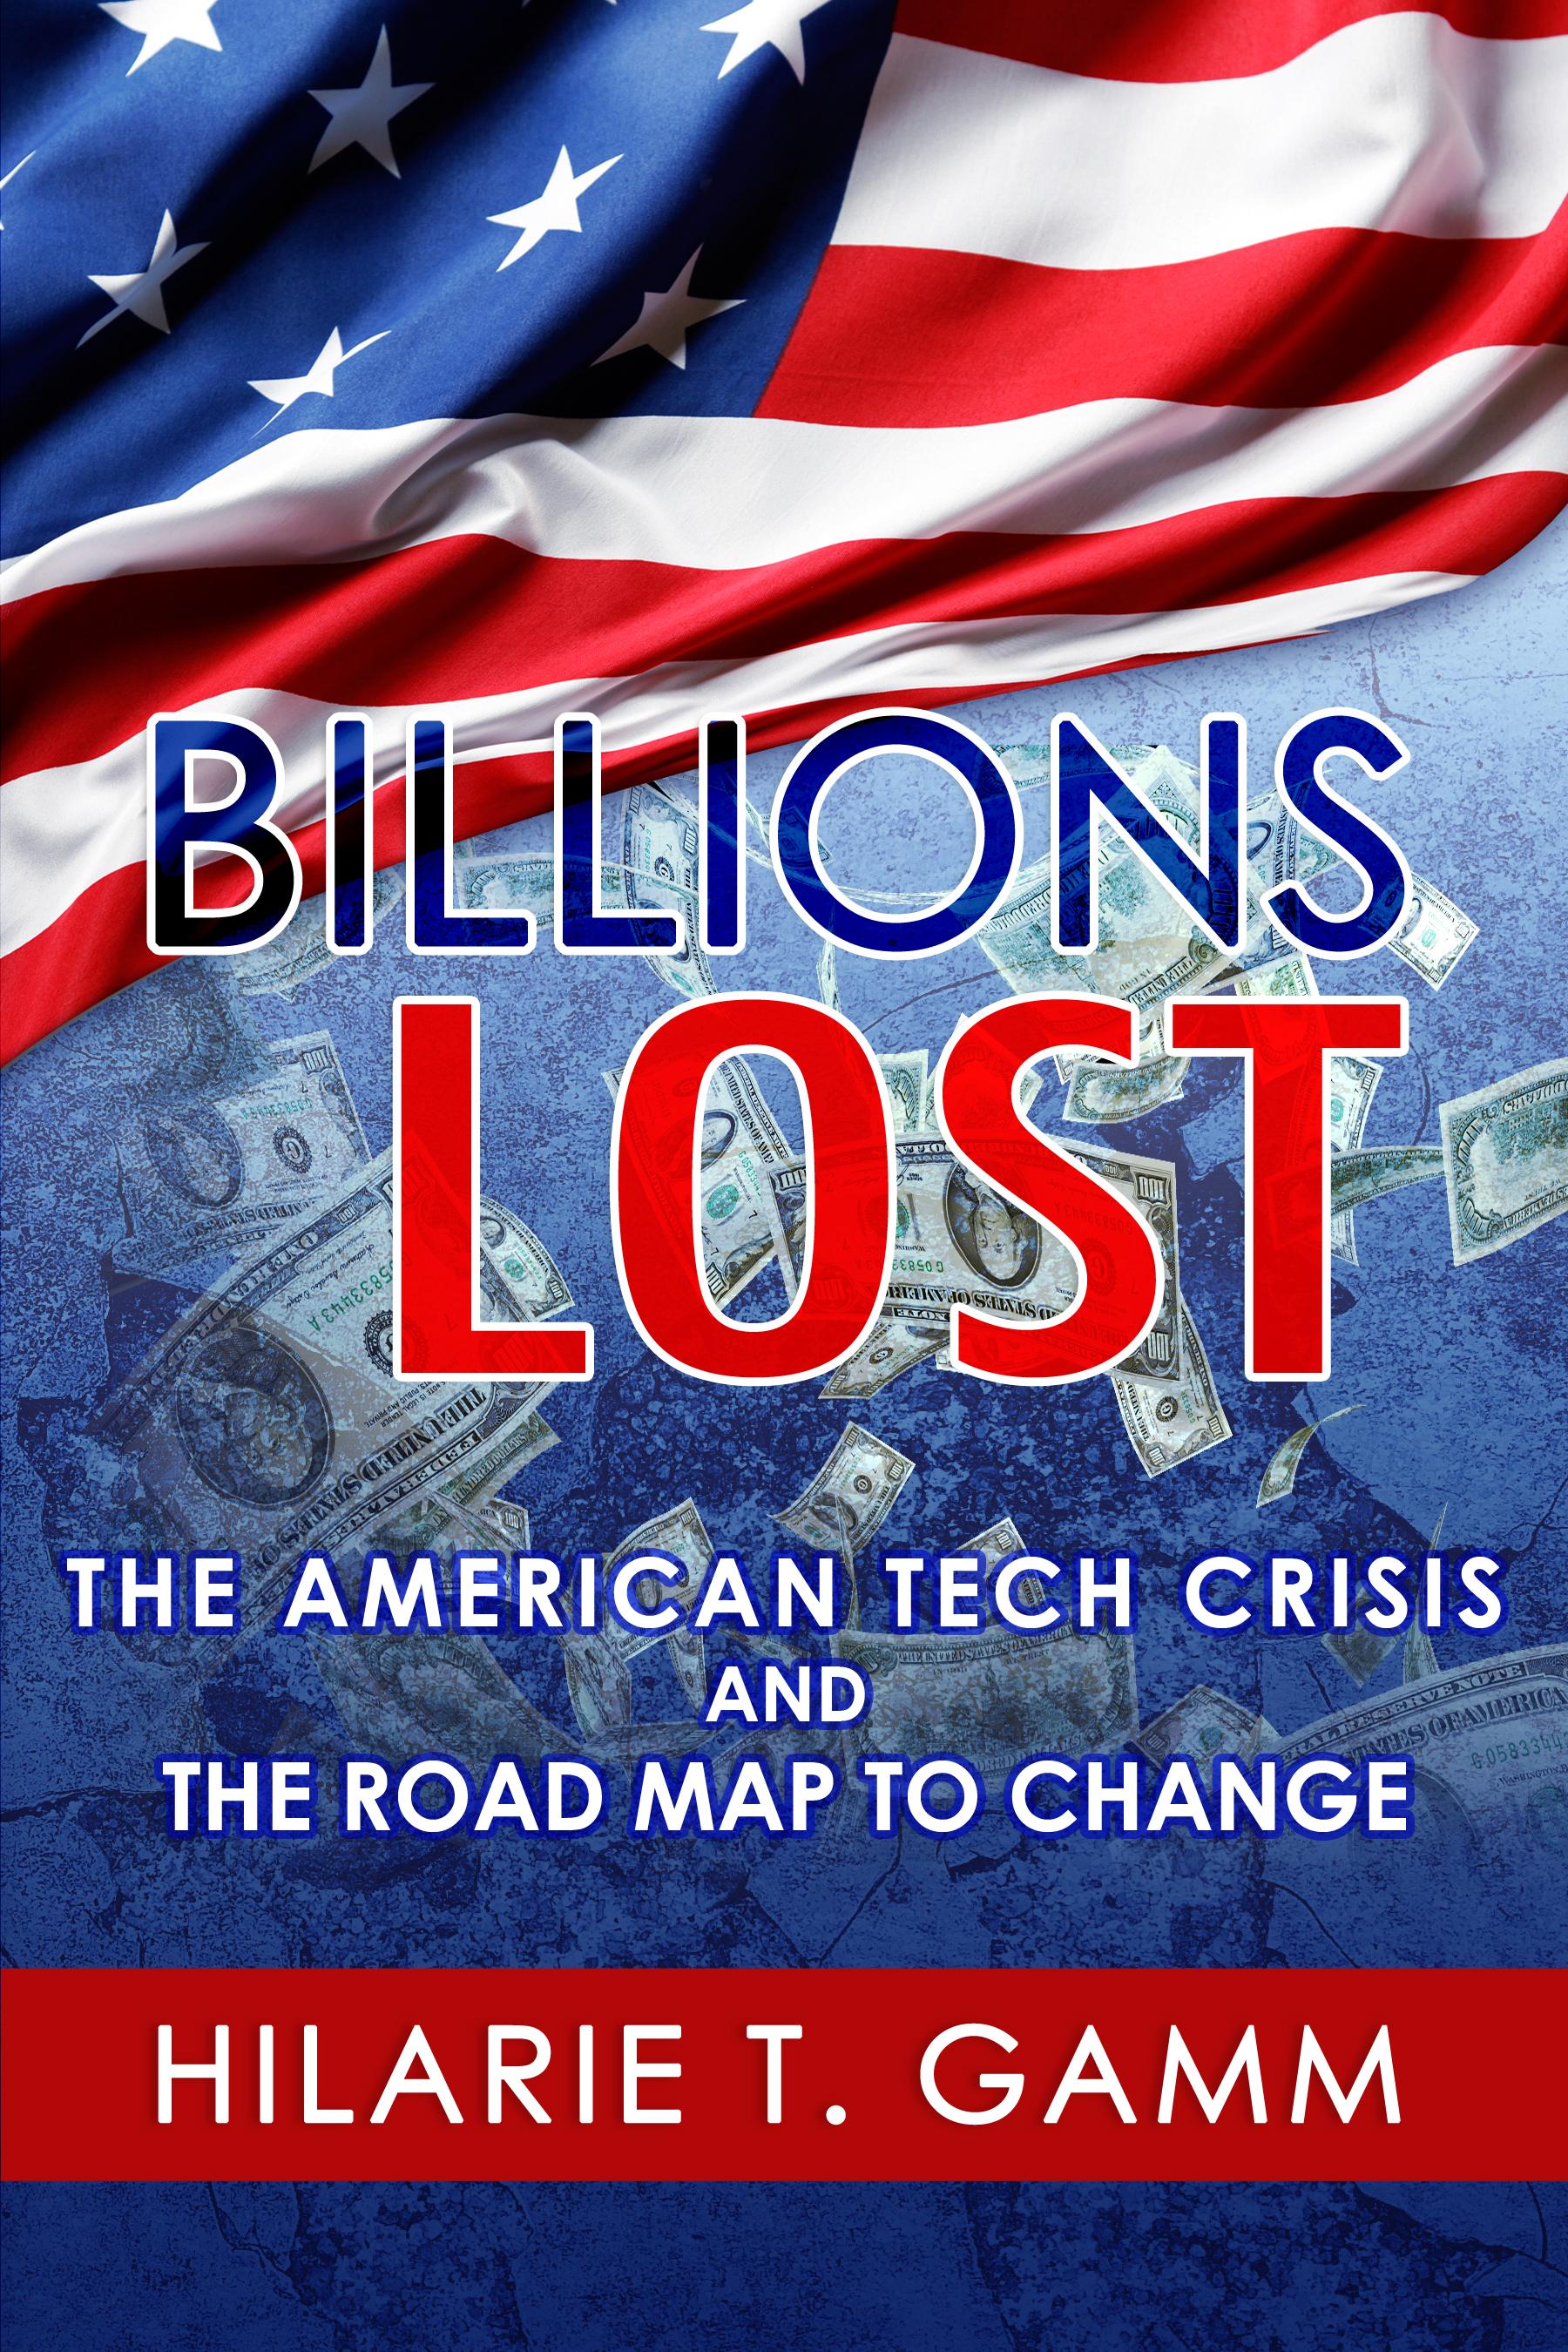 BillionsLost_Ebook-1-2.jpg